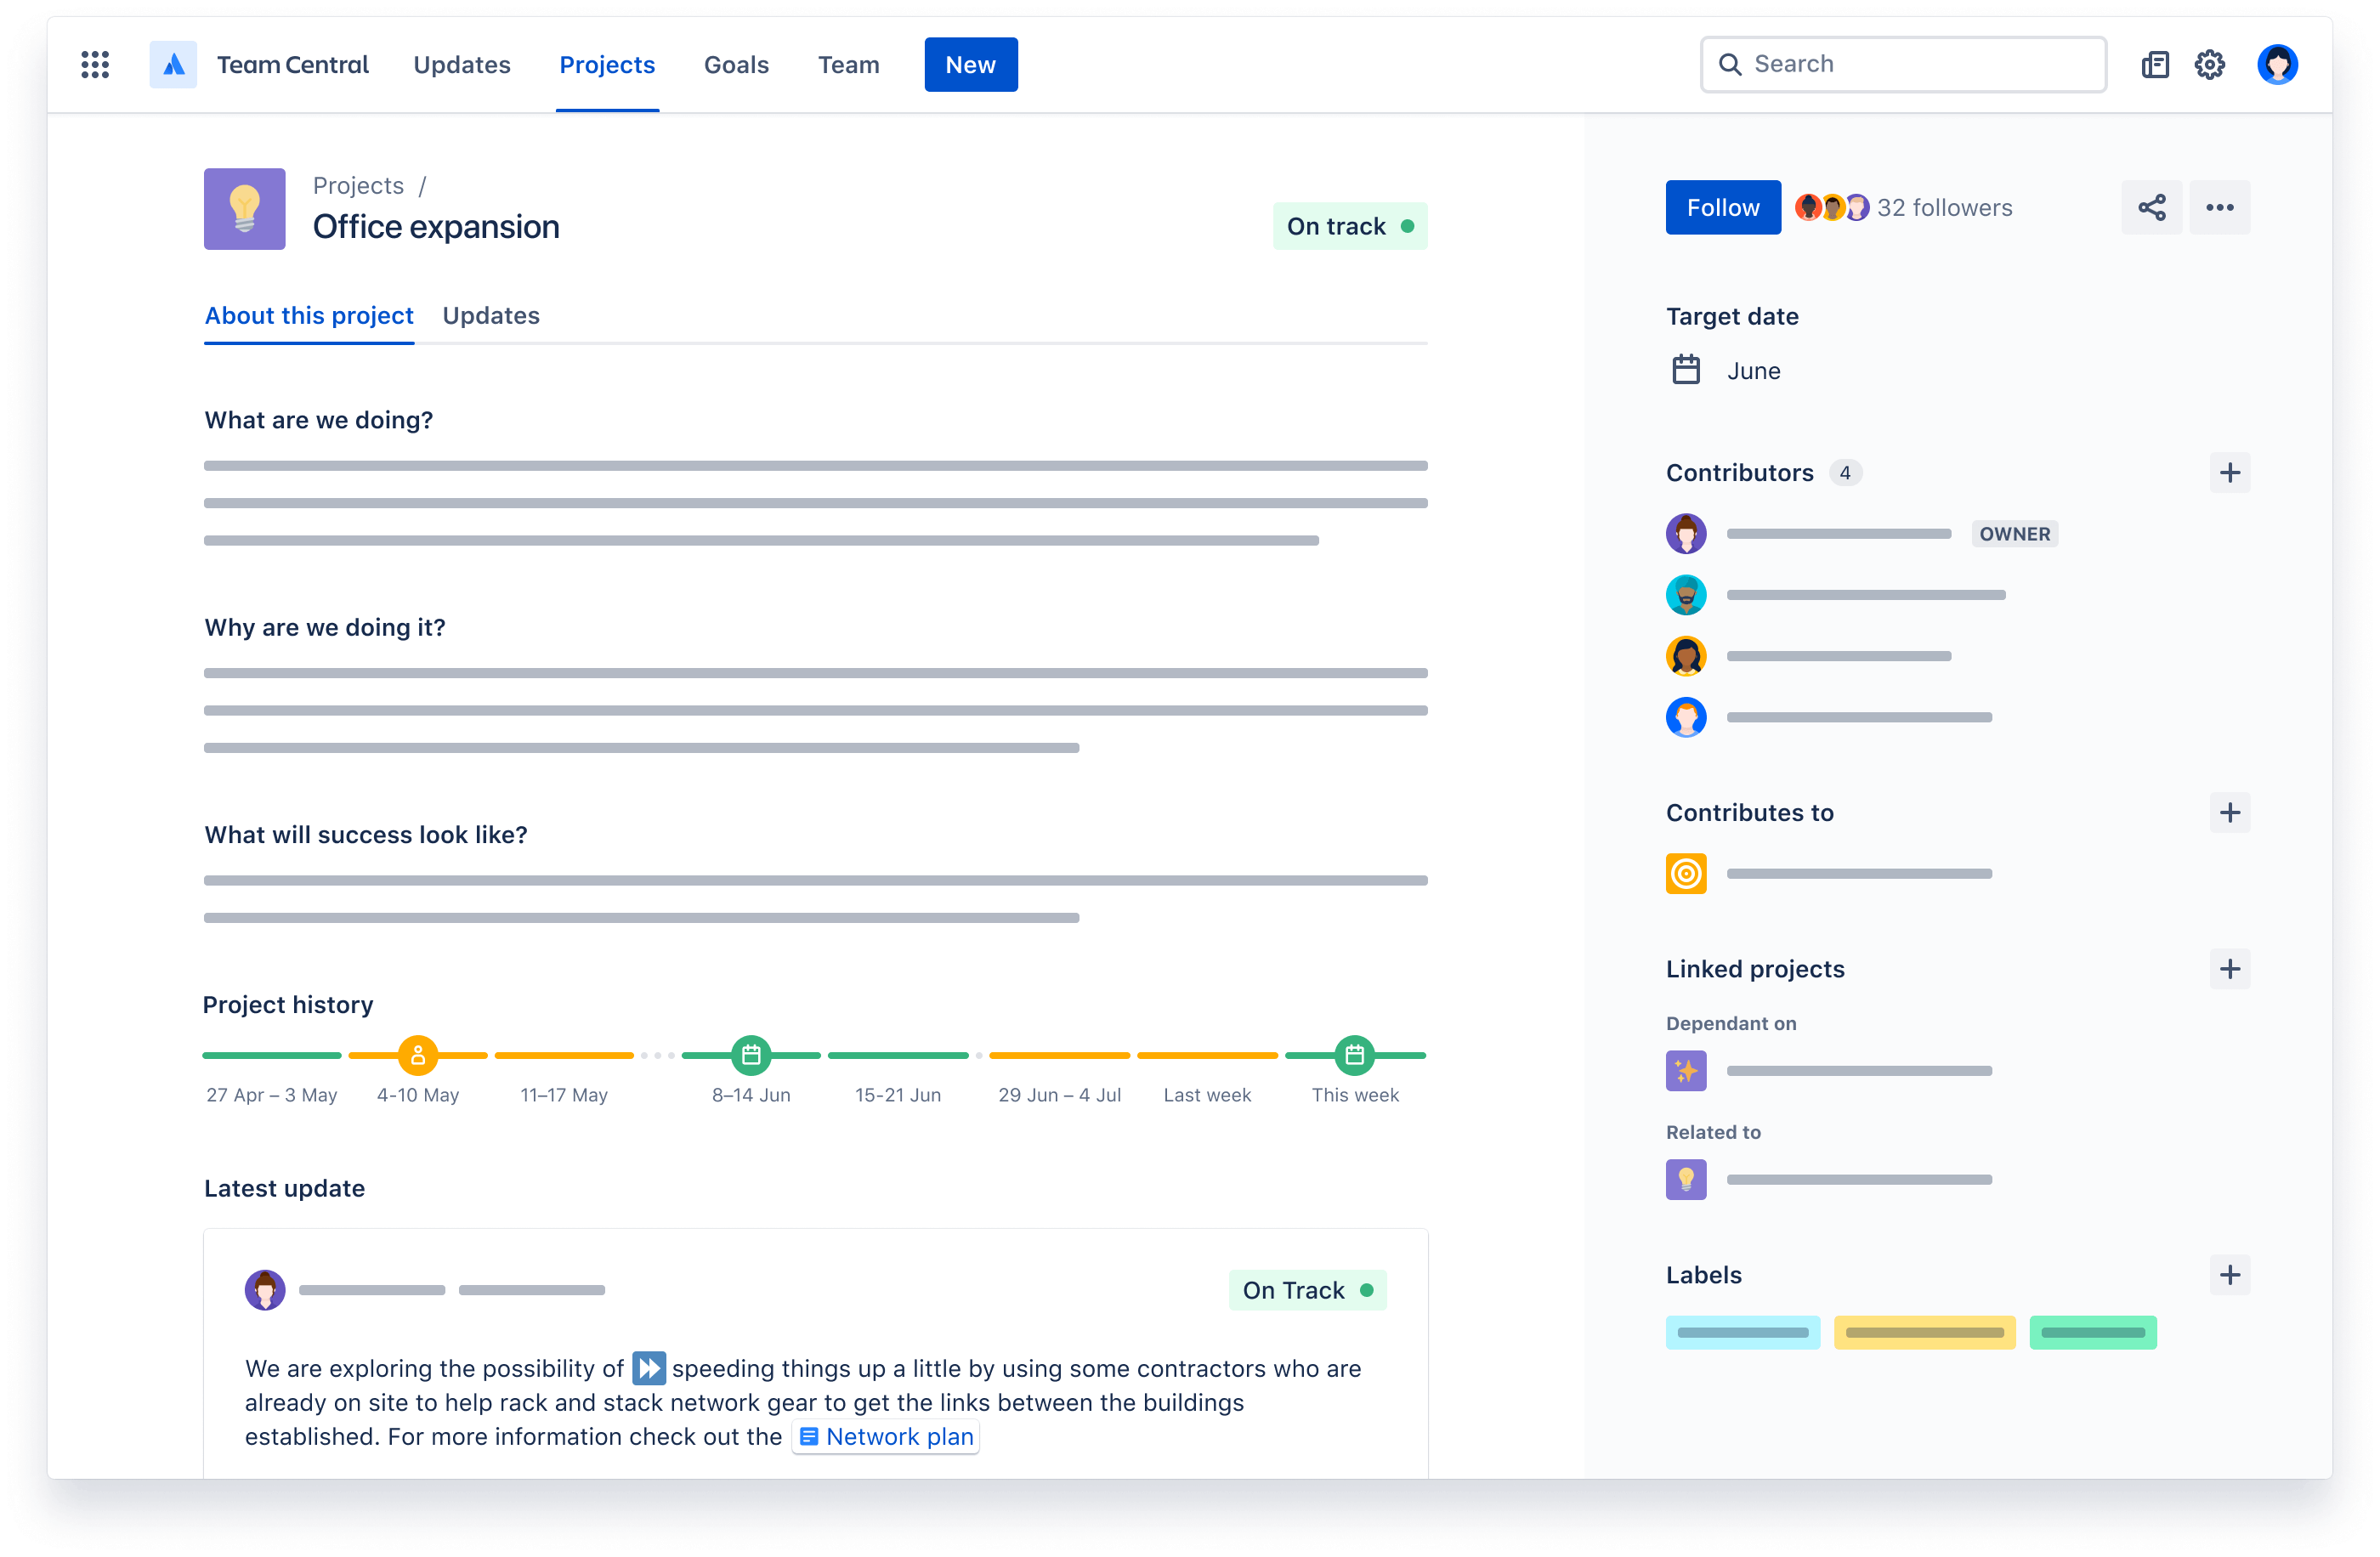 schermafbeelding product